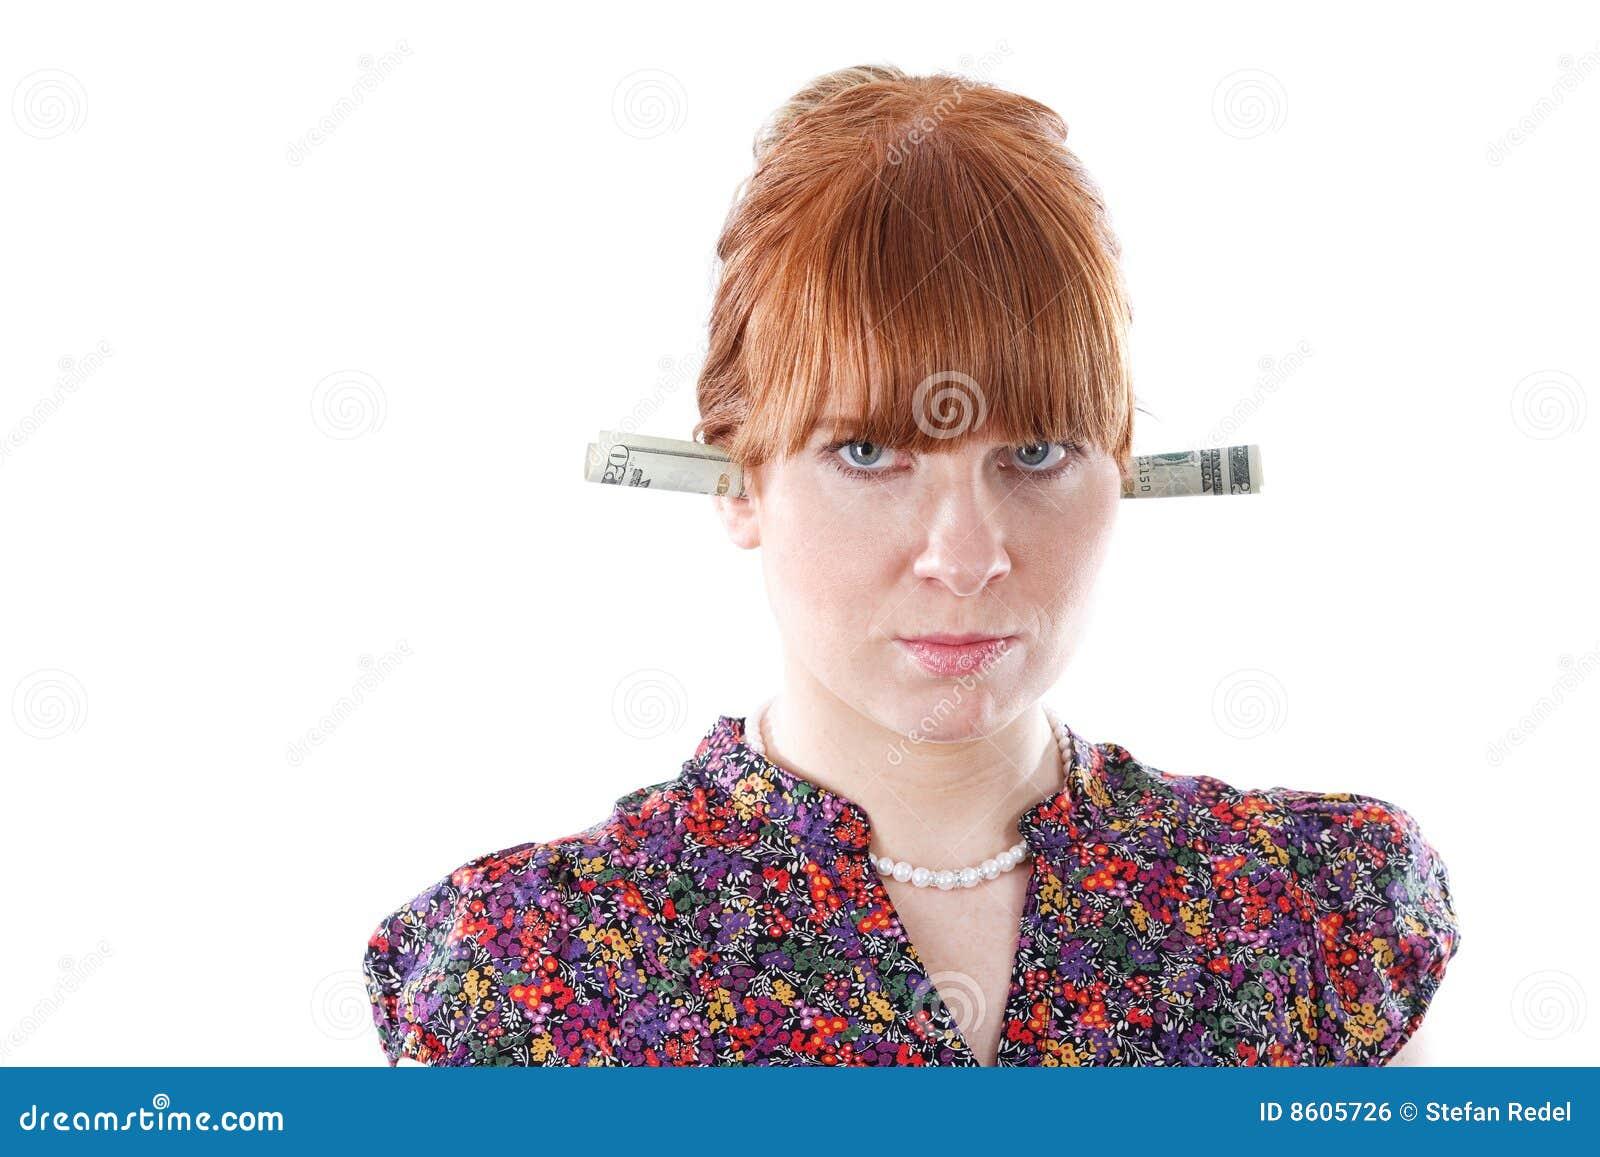 woman-dollars-ears-8605726.jpg